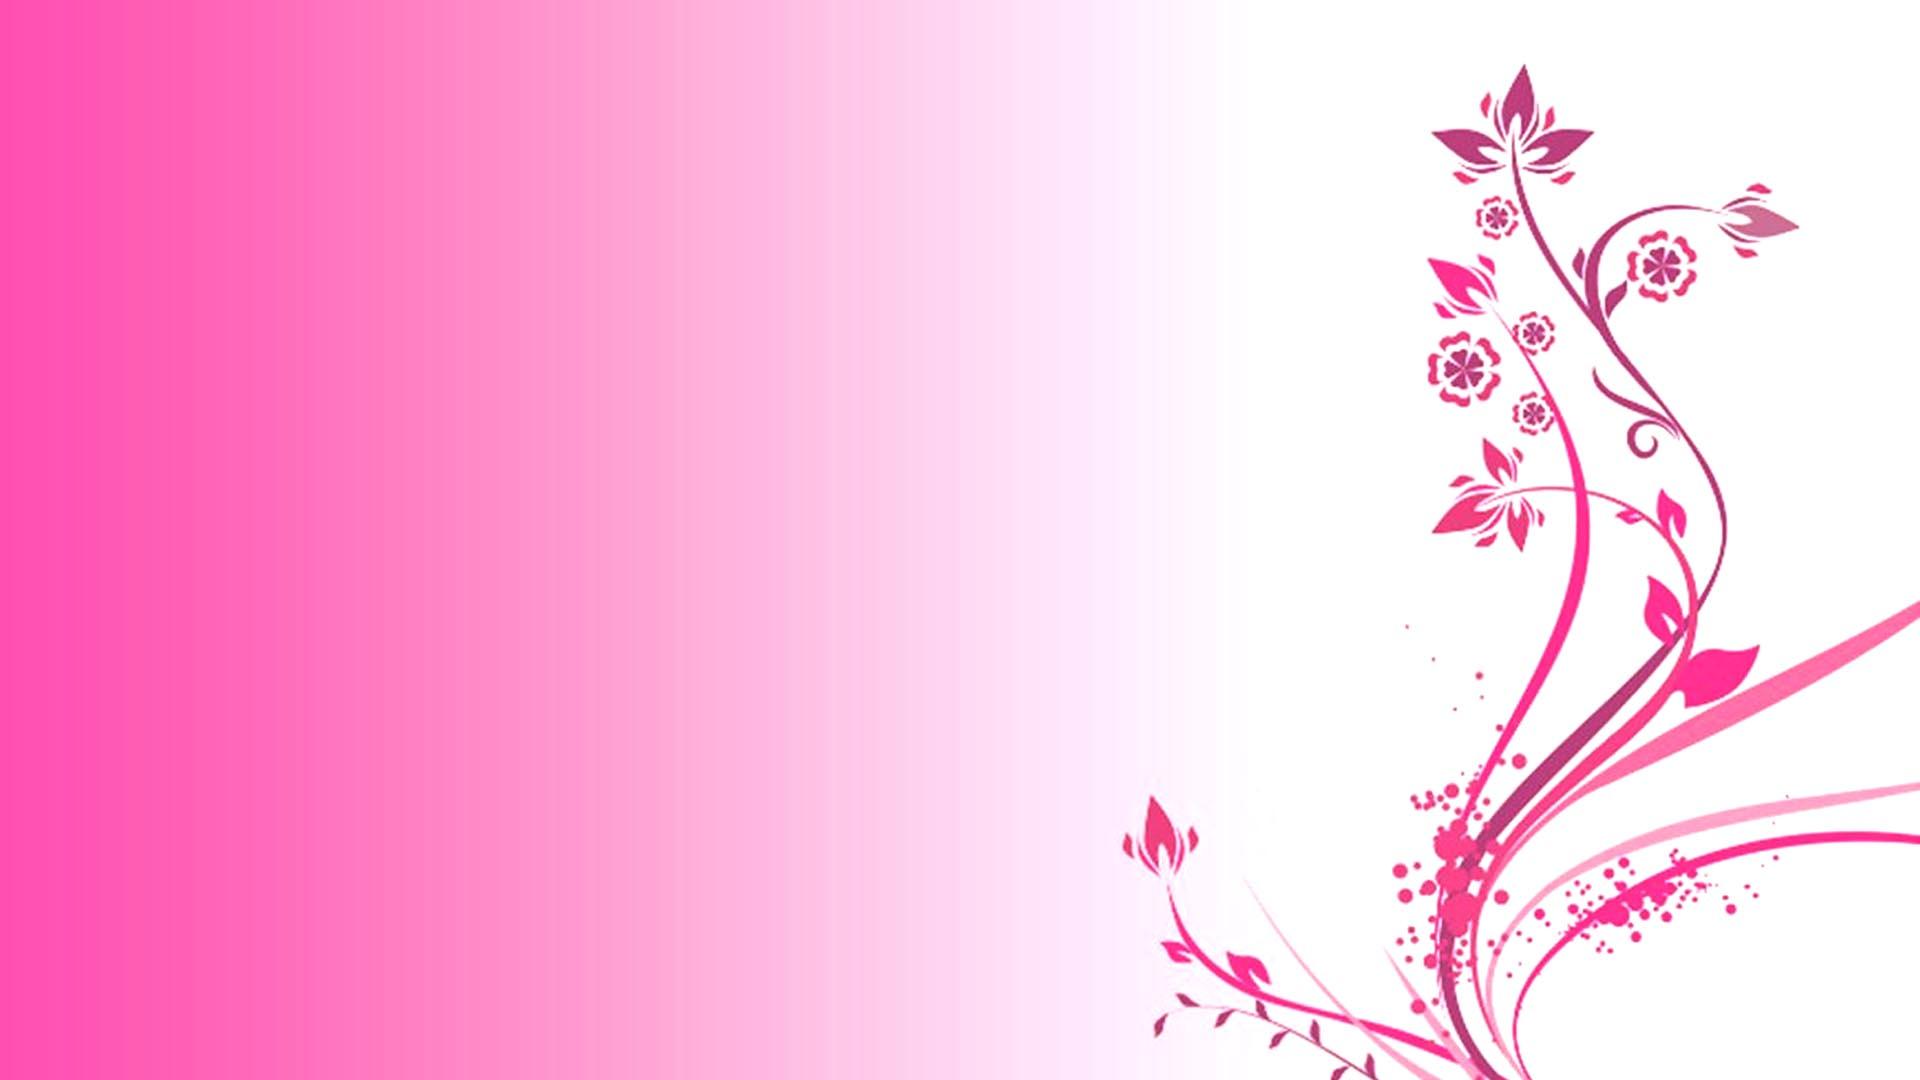 Pink and Grey Wallpaper - WallpaperSafari